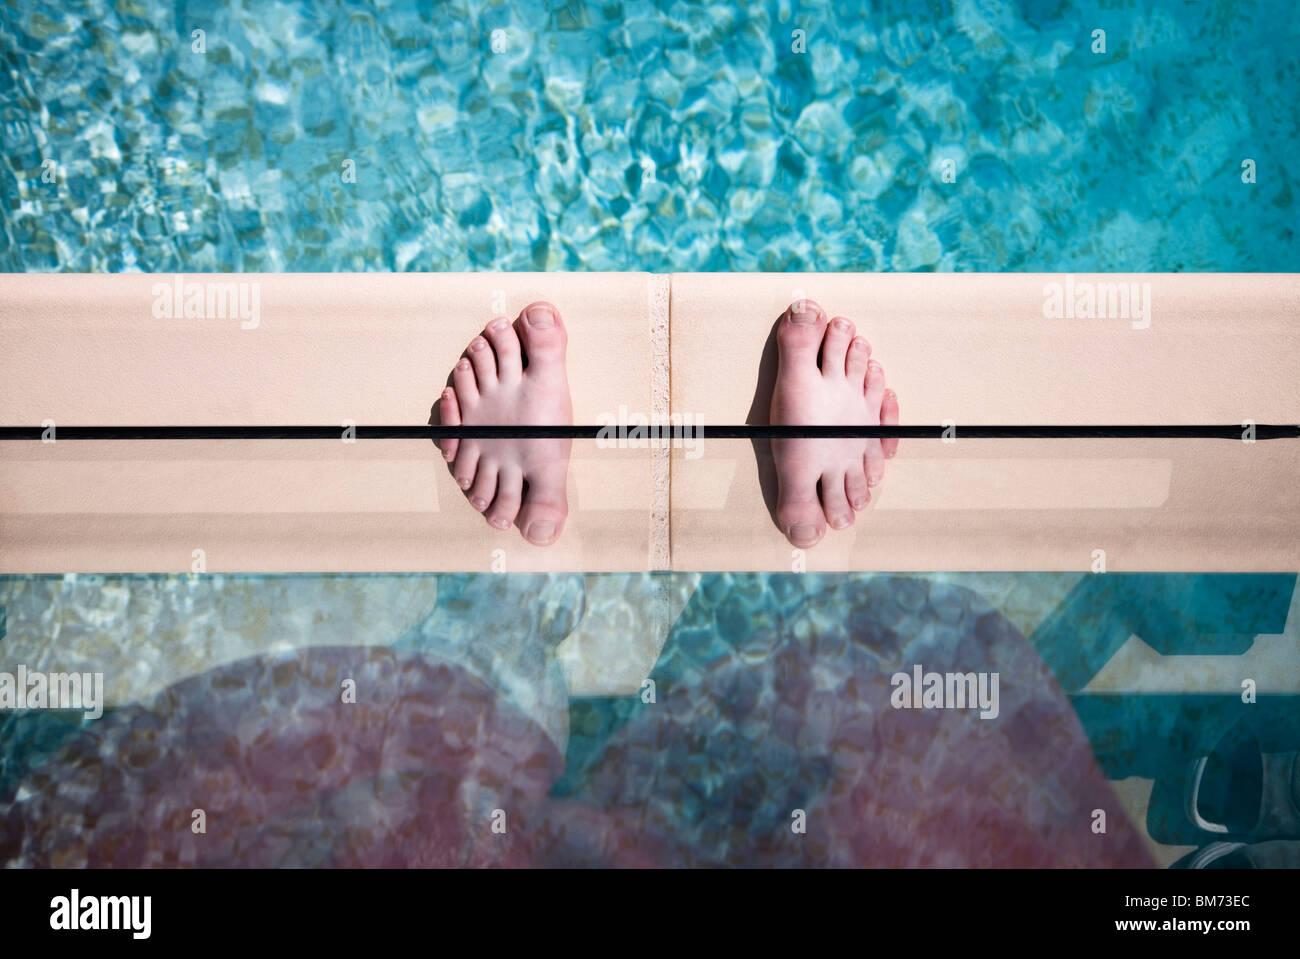 Pieds de quelqu'un sur le bord d'une piscine contre vitre avec un reflet de décisions pieds lits jumeaux Photo Stock